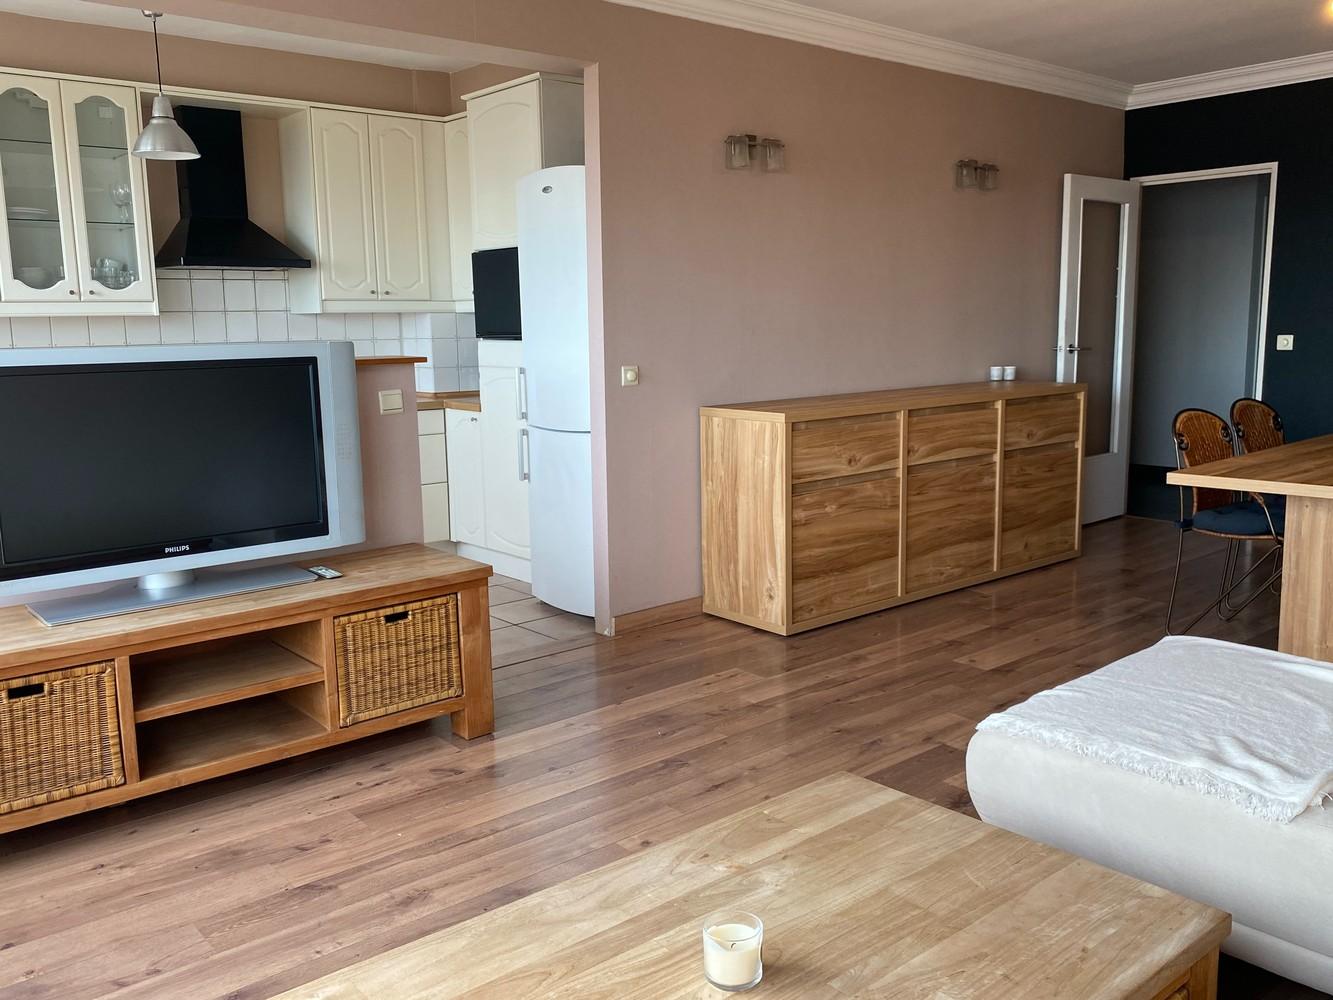 Lichtrijk, bemeubeld en ruim appartement met 2 slaapkamers & een uniek uitzicht over Antwerpen! afbeelding 7